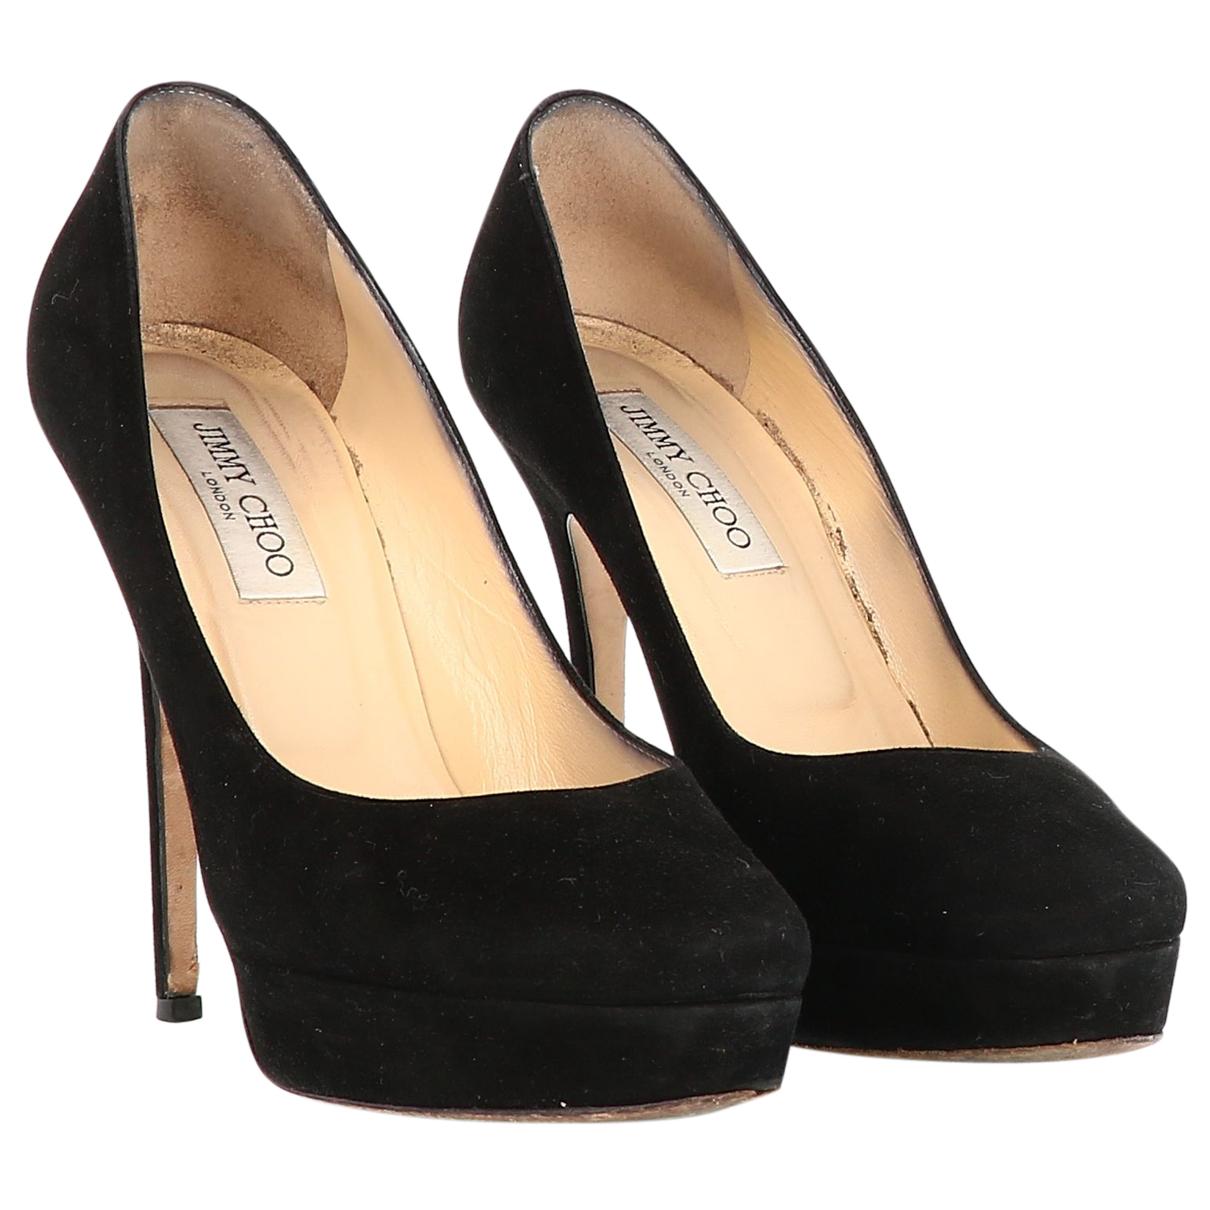 Jimmy Choo N Black Suede Heels for Women 39.5 EU